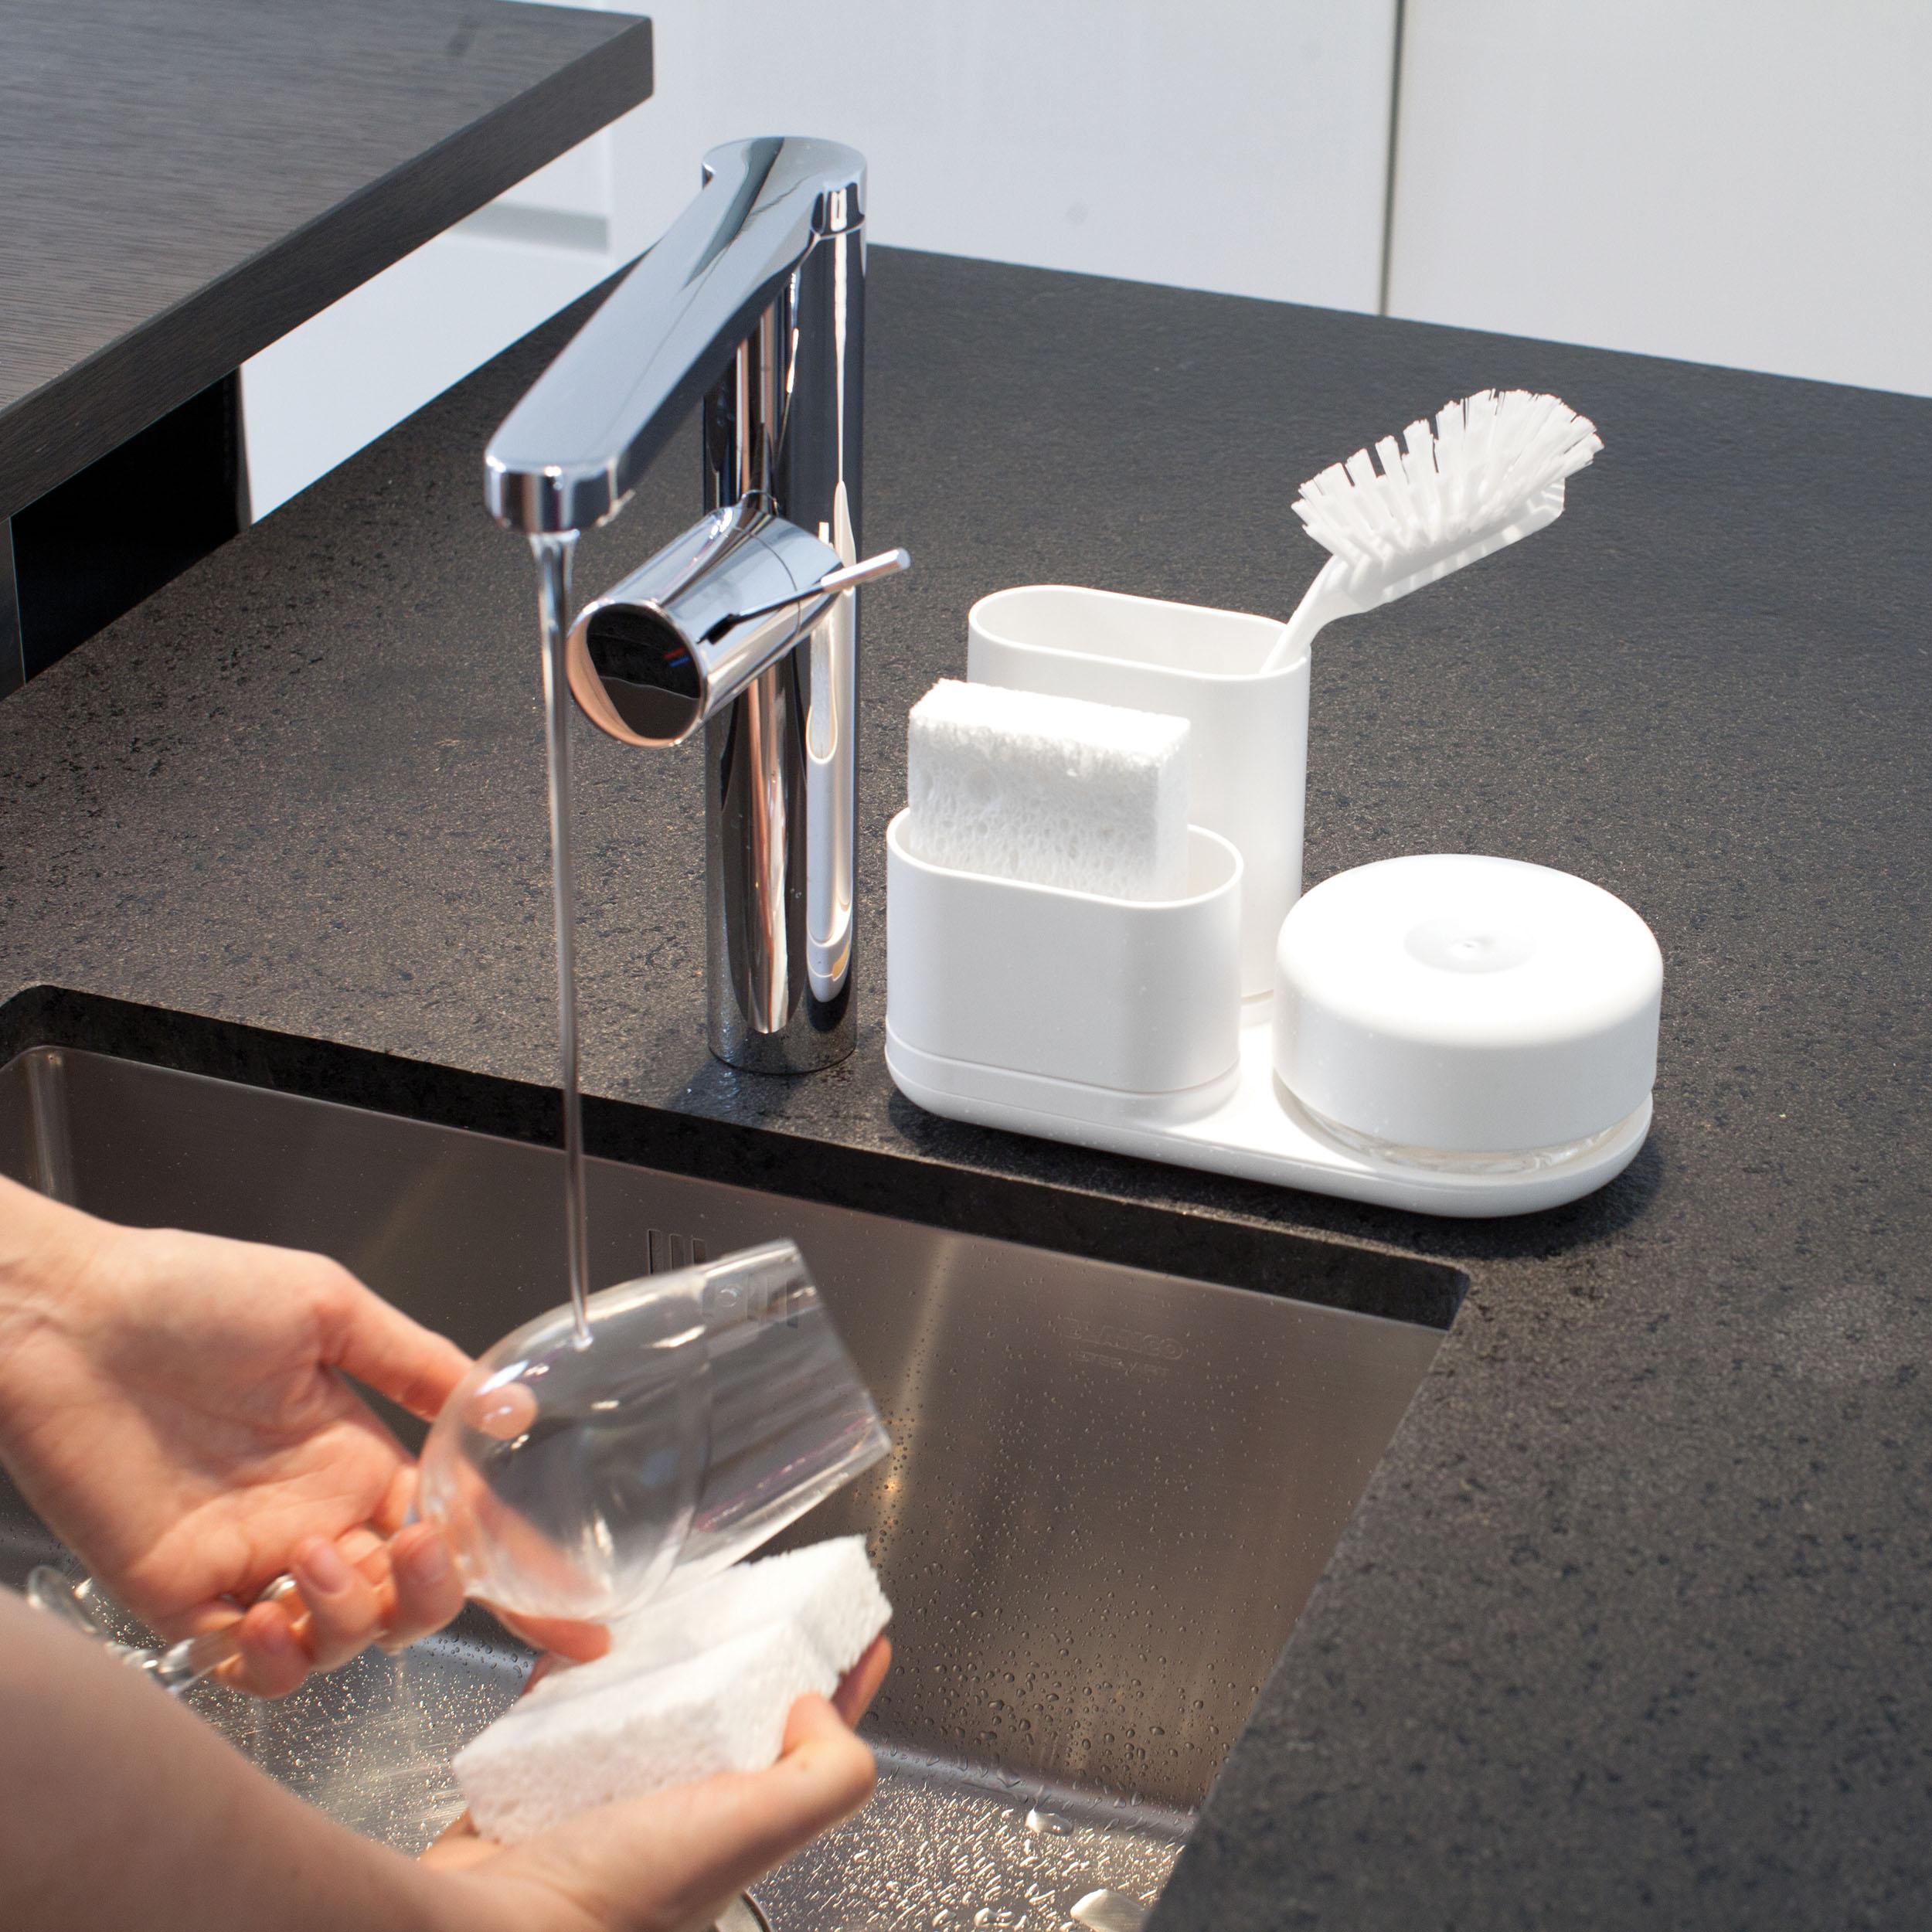 Do-Dish Utensilienhalter mit Seifenspender